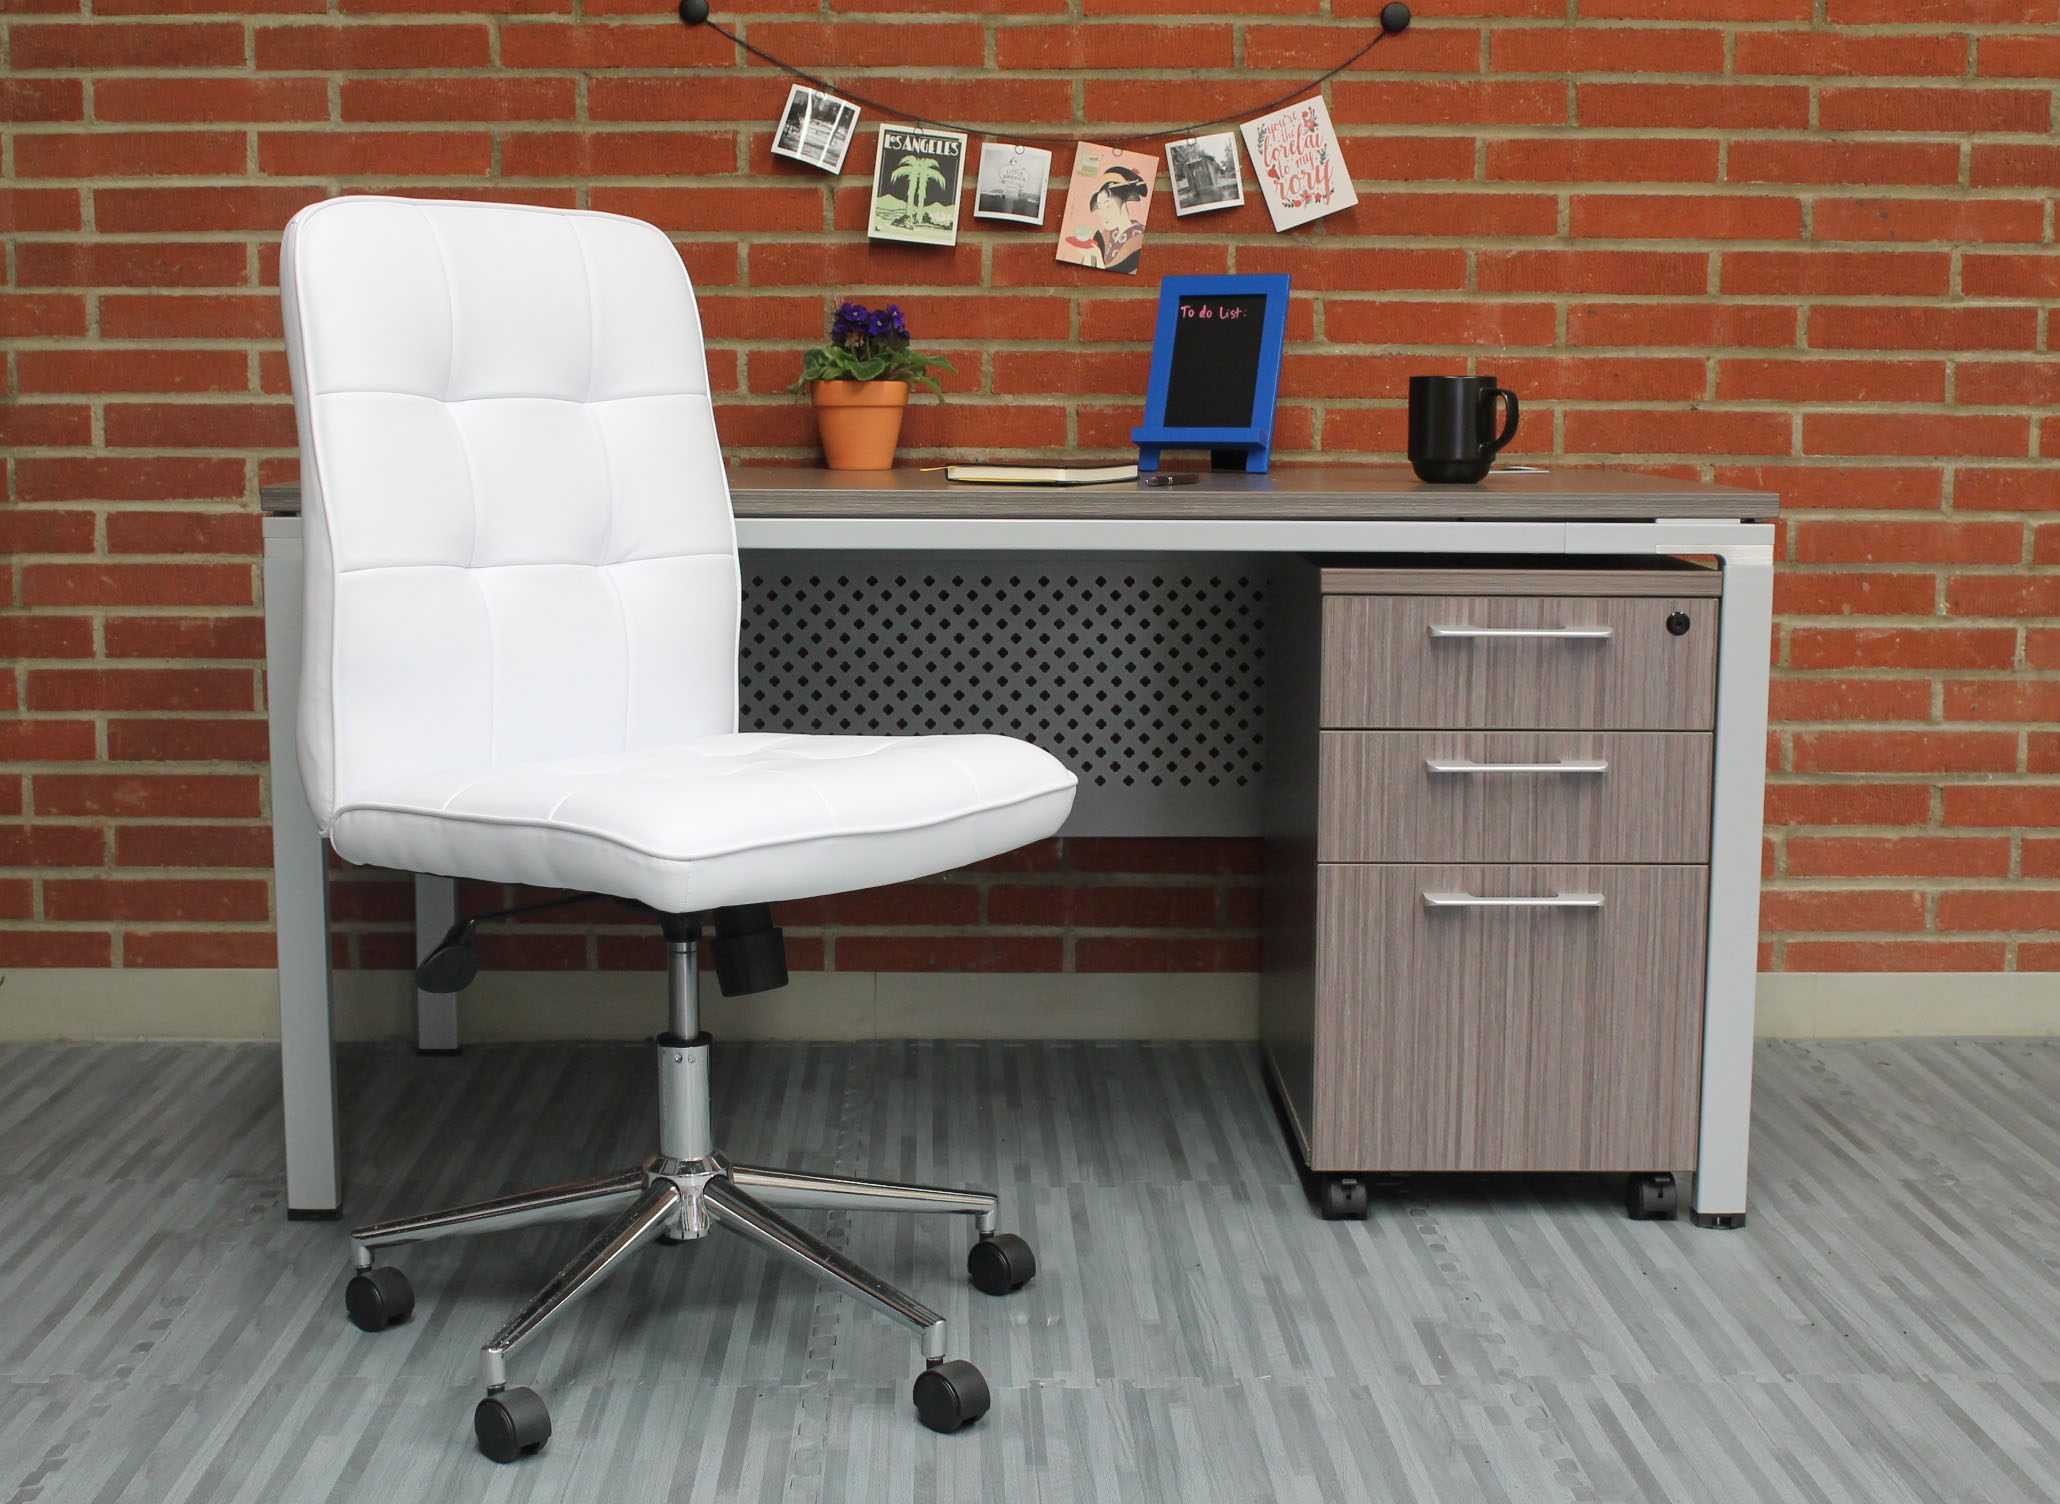 Boss Millennial Modern Home Office Chair White Bosschair